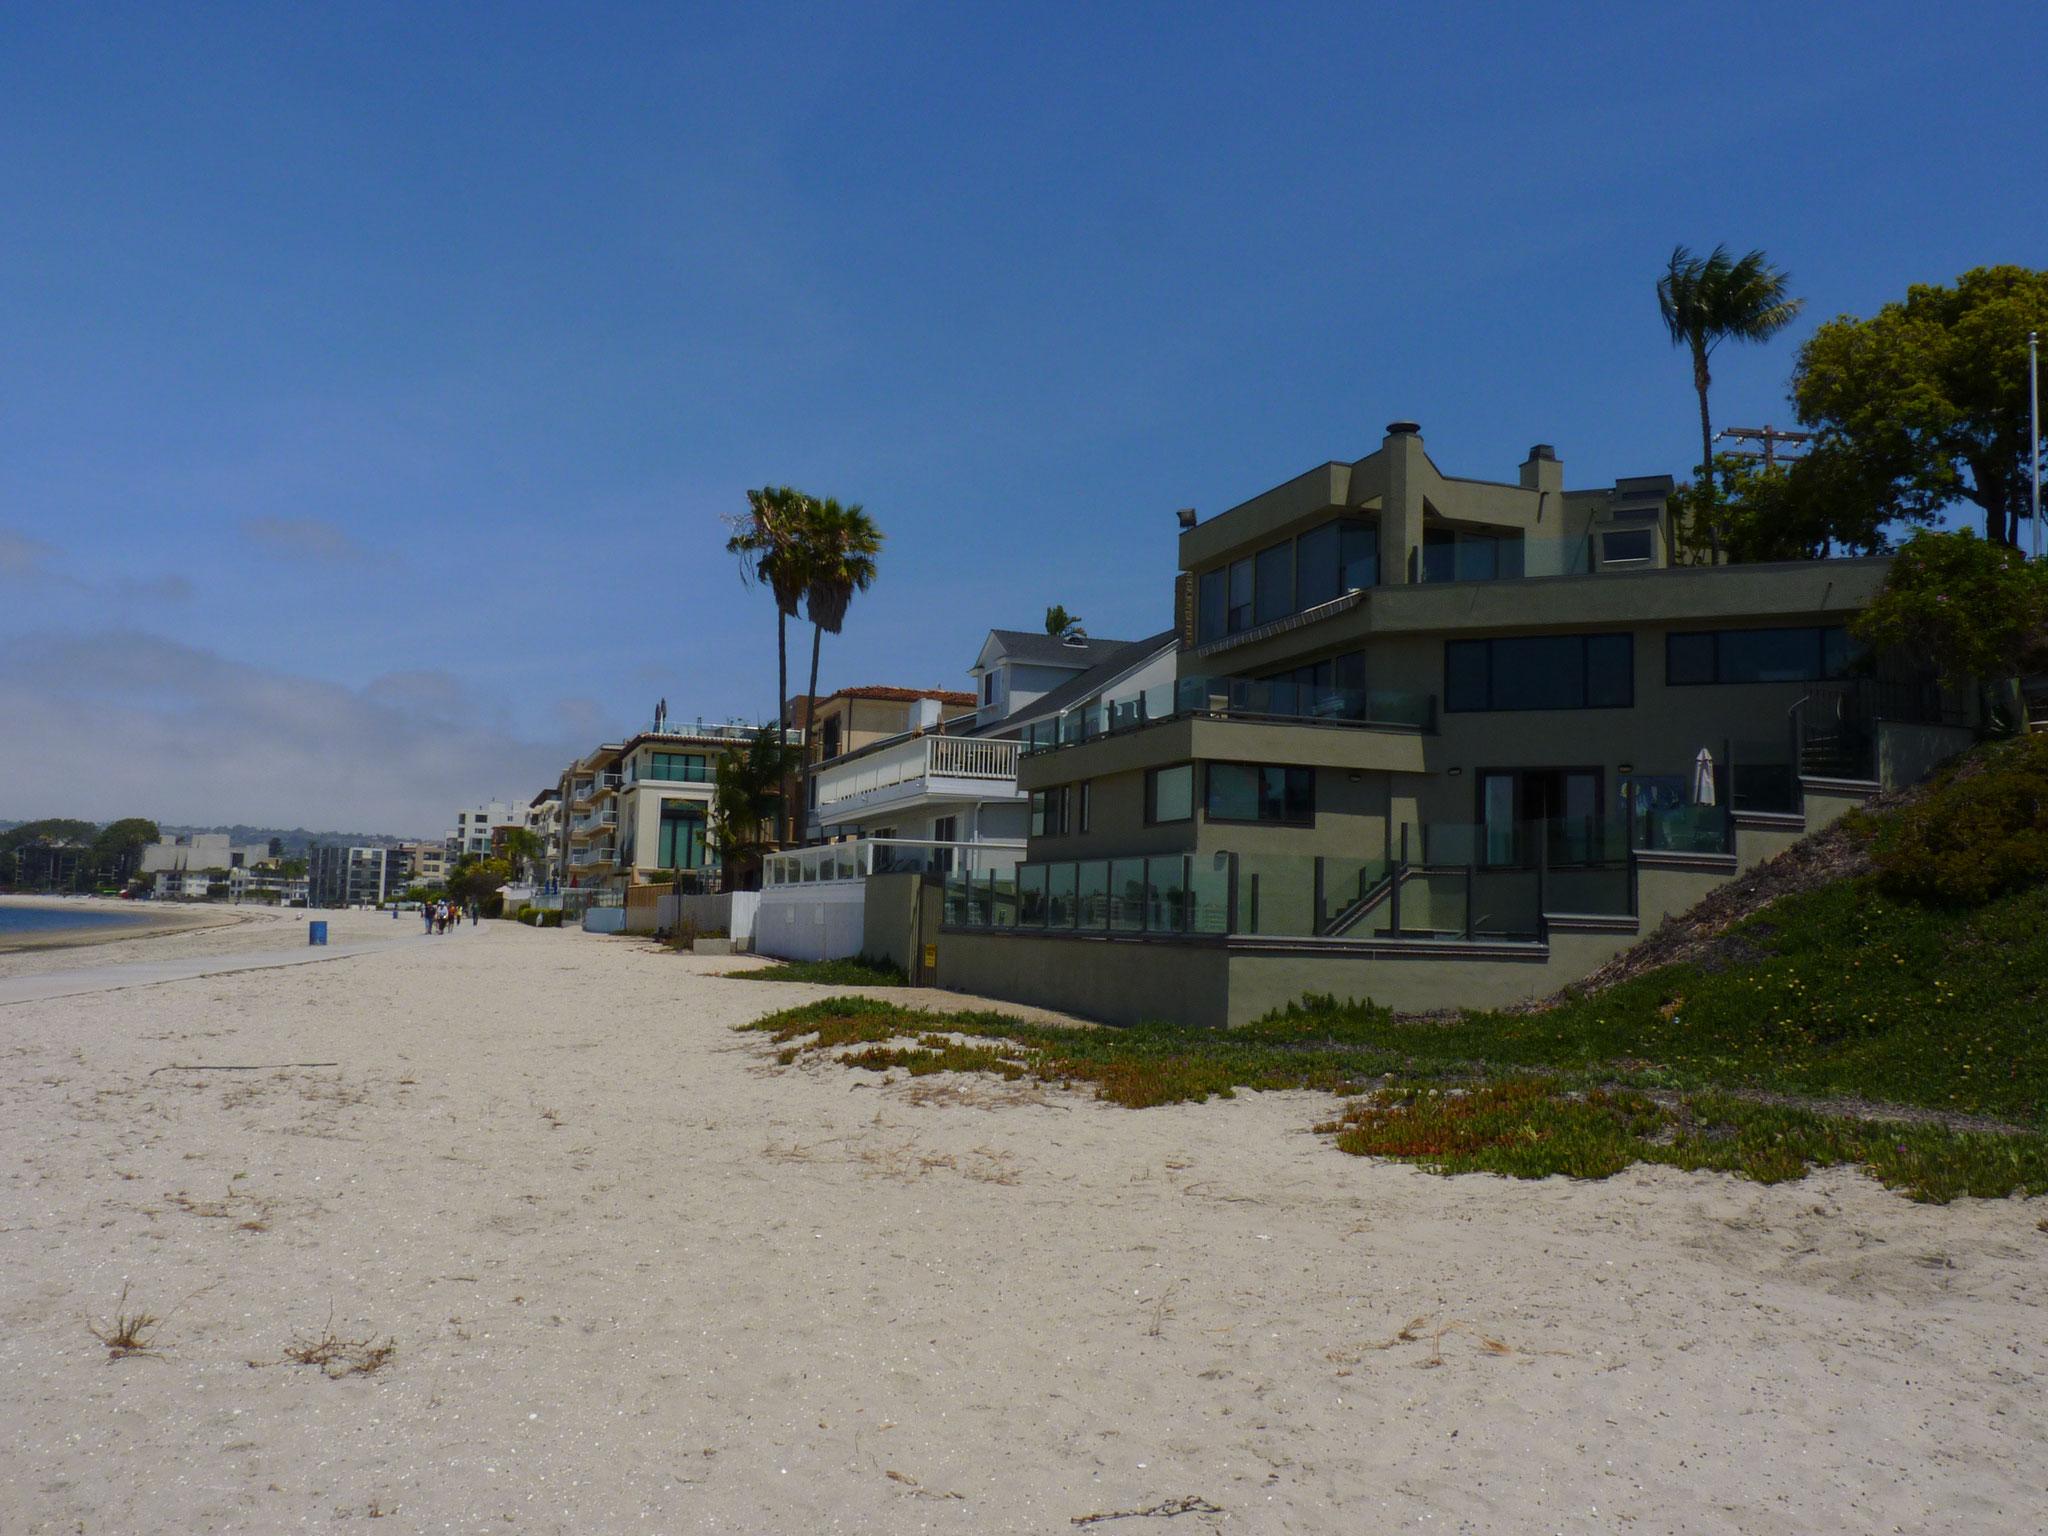 Balade le long de la baie de San Diego (devant chez John)